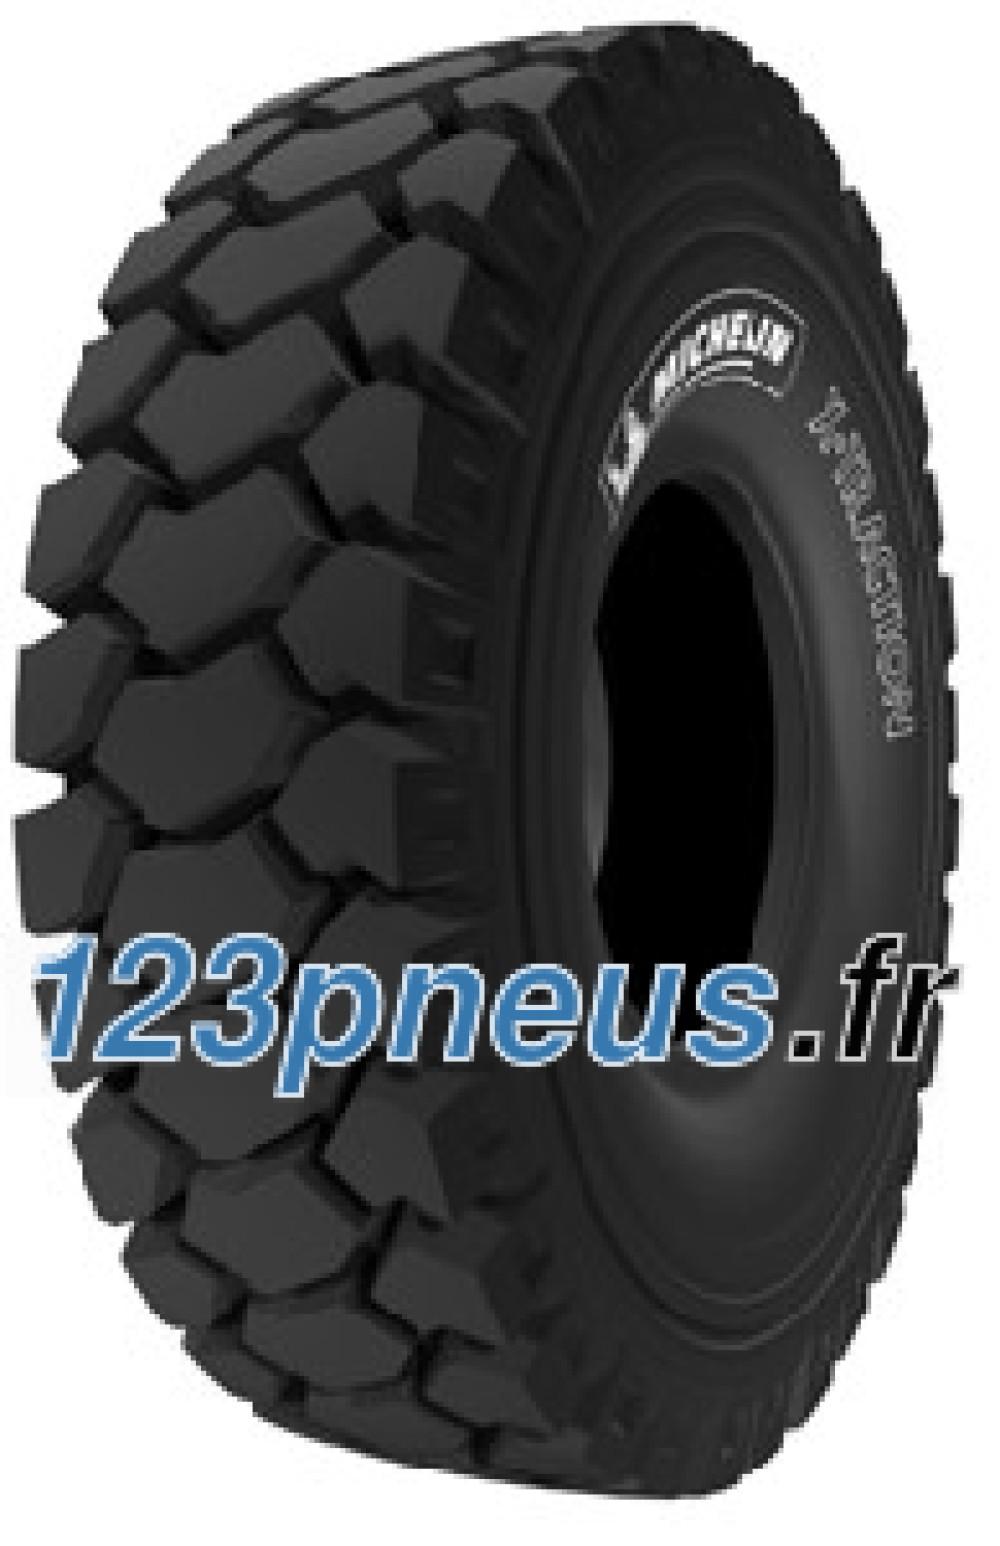 Michelin X Traction E4t